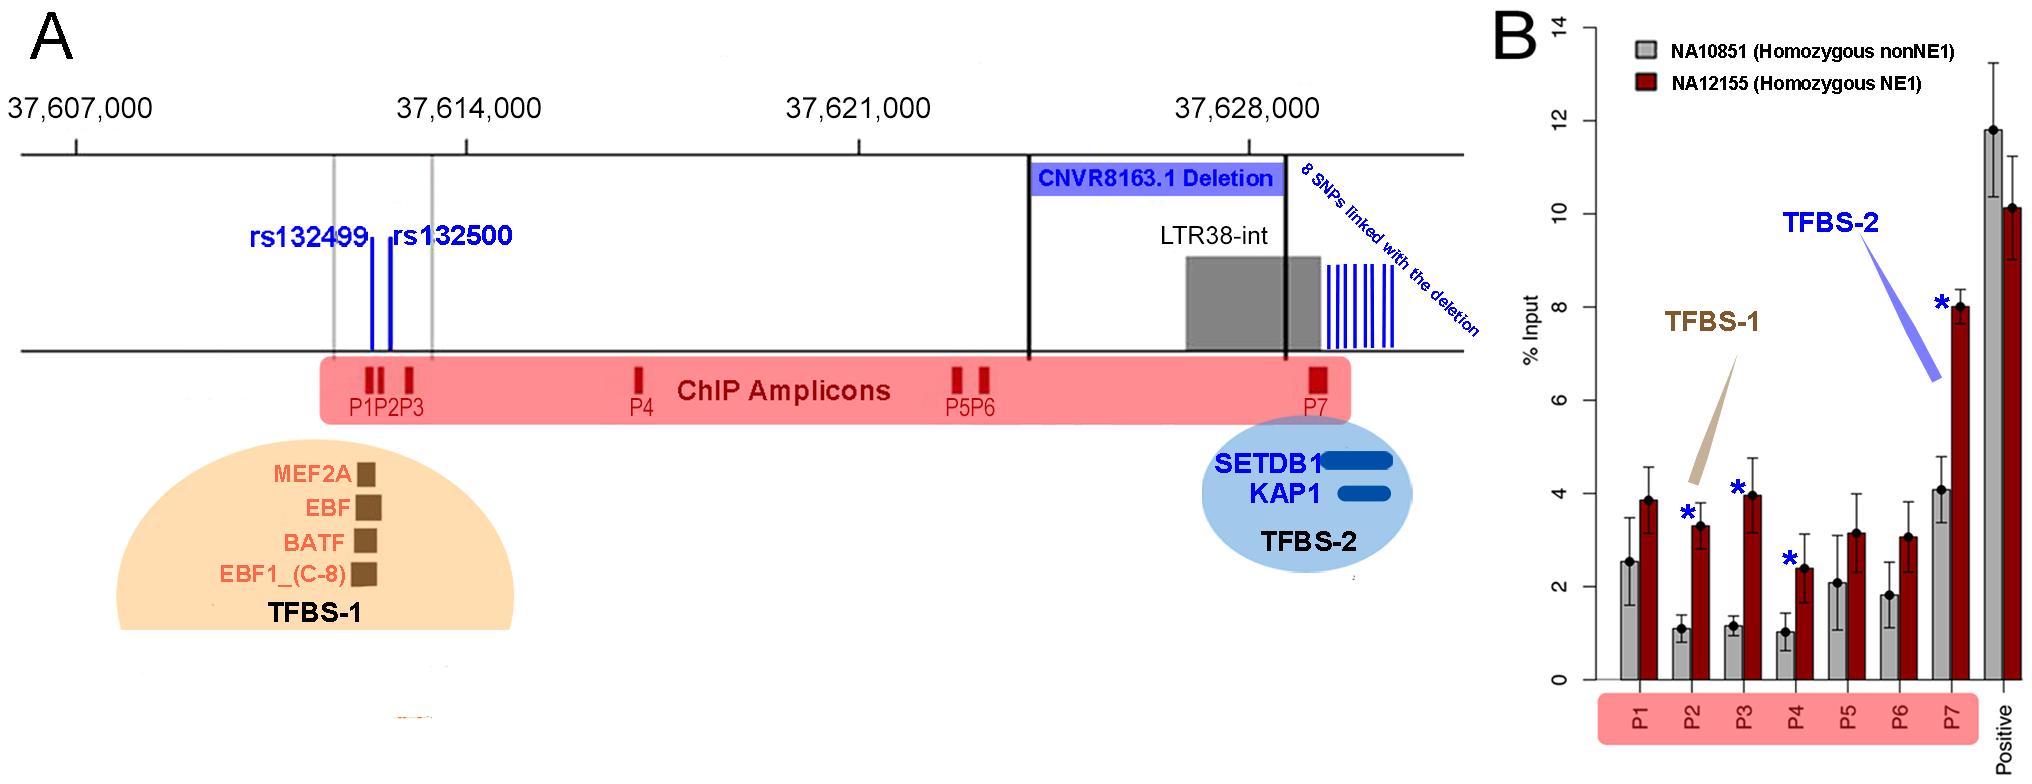 The regulatory functions of NE1 locus.